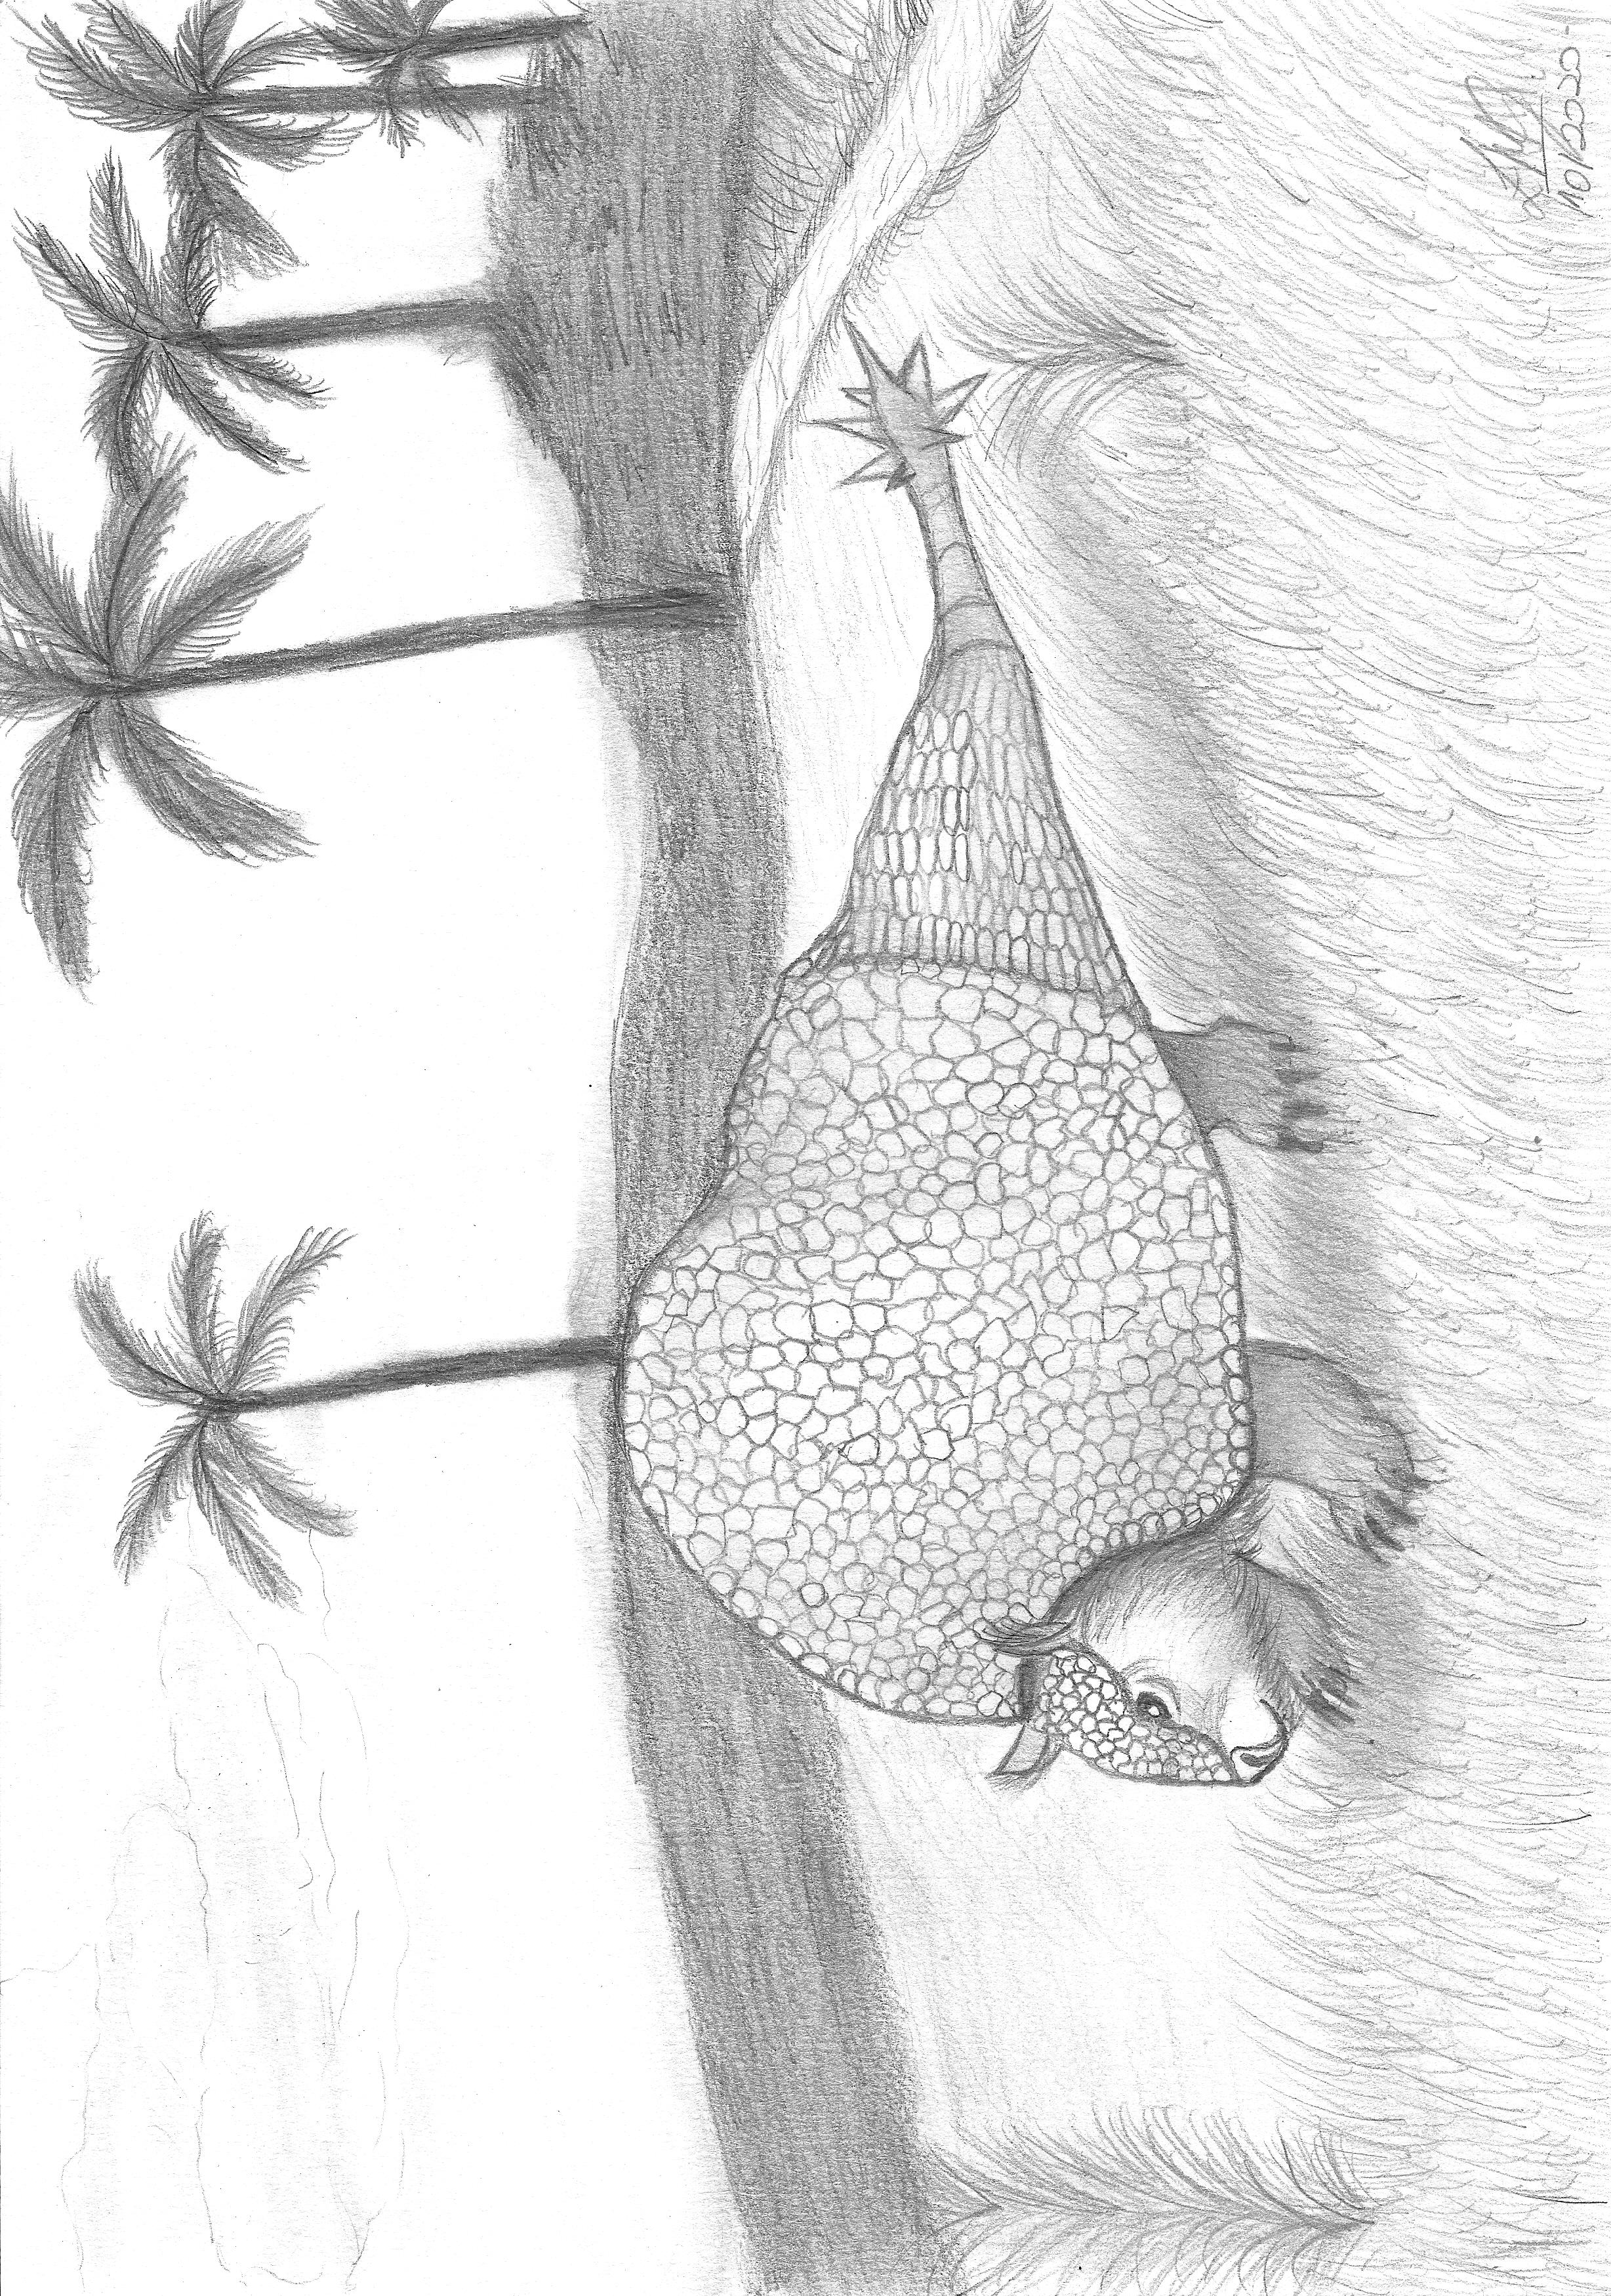 Izadora Marchi_Gliptodonte Doedicurus